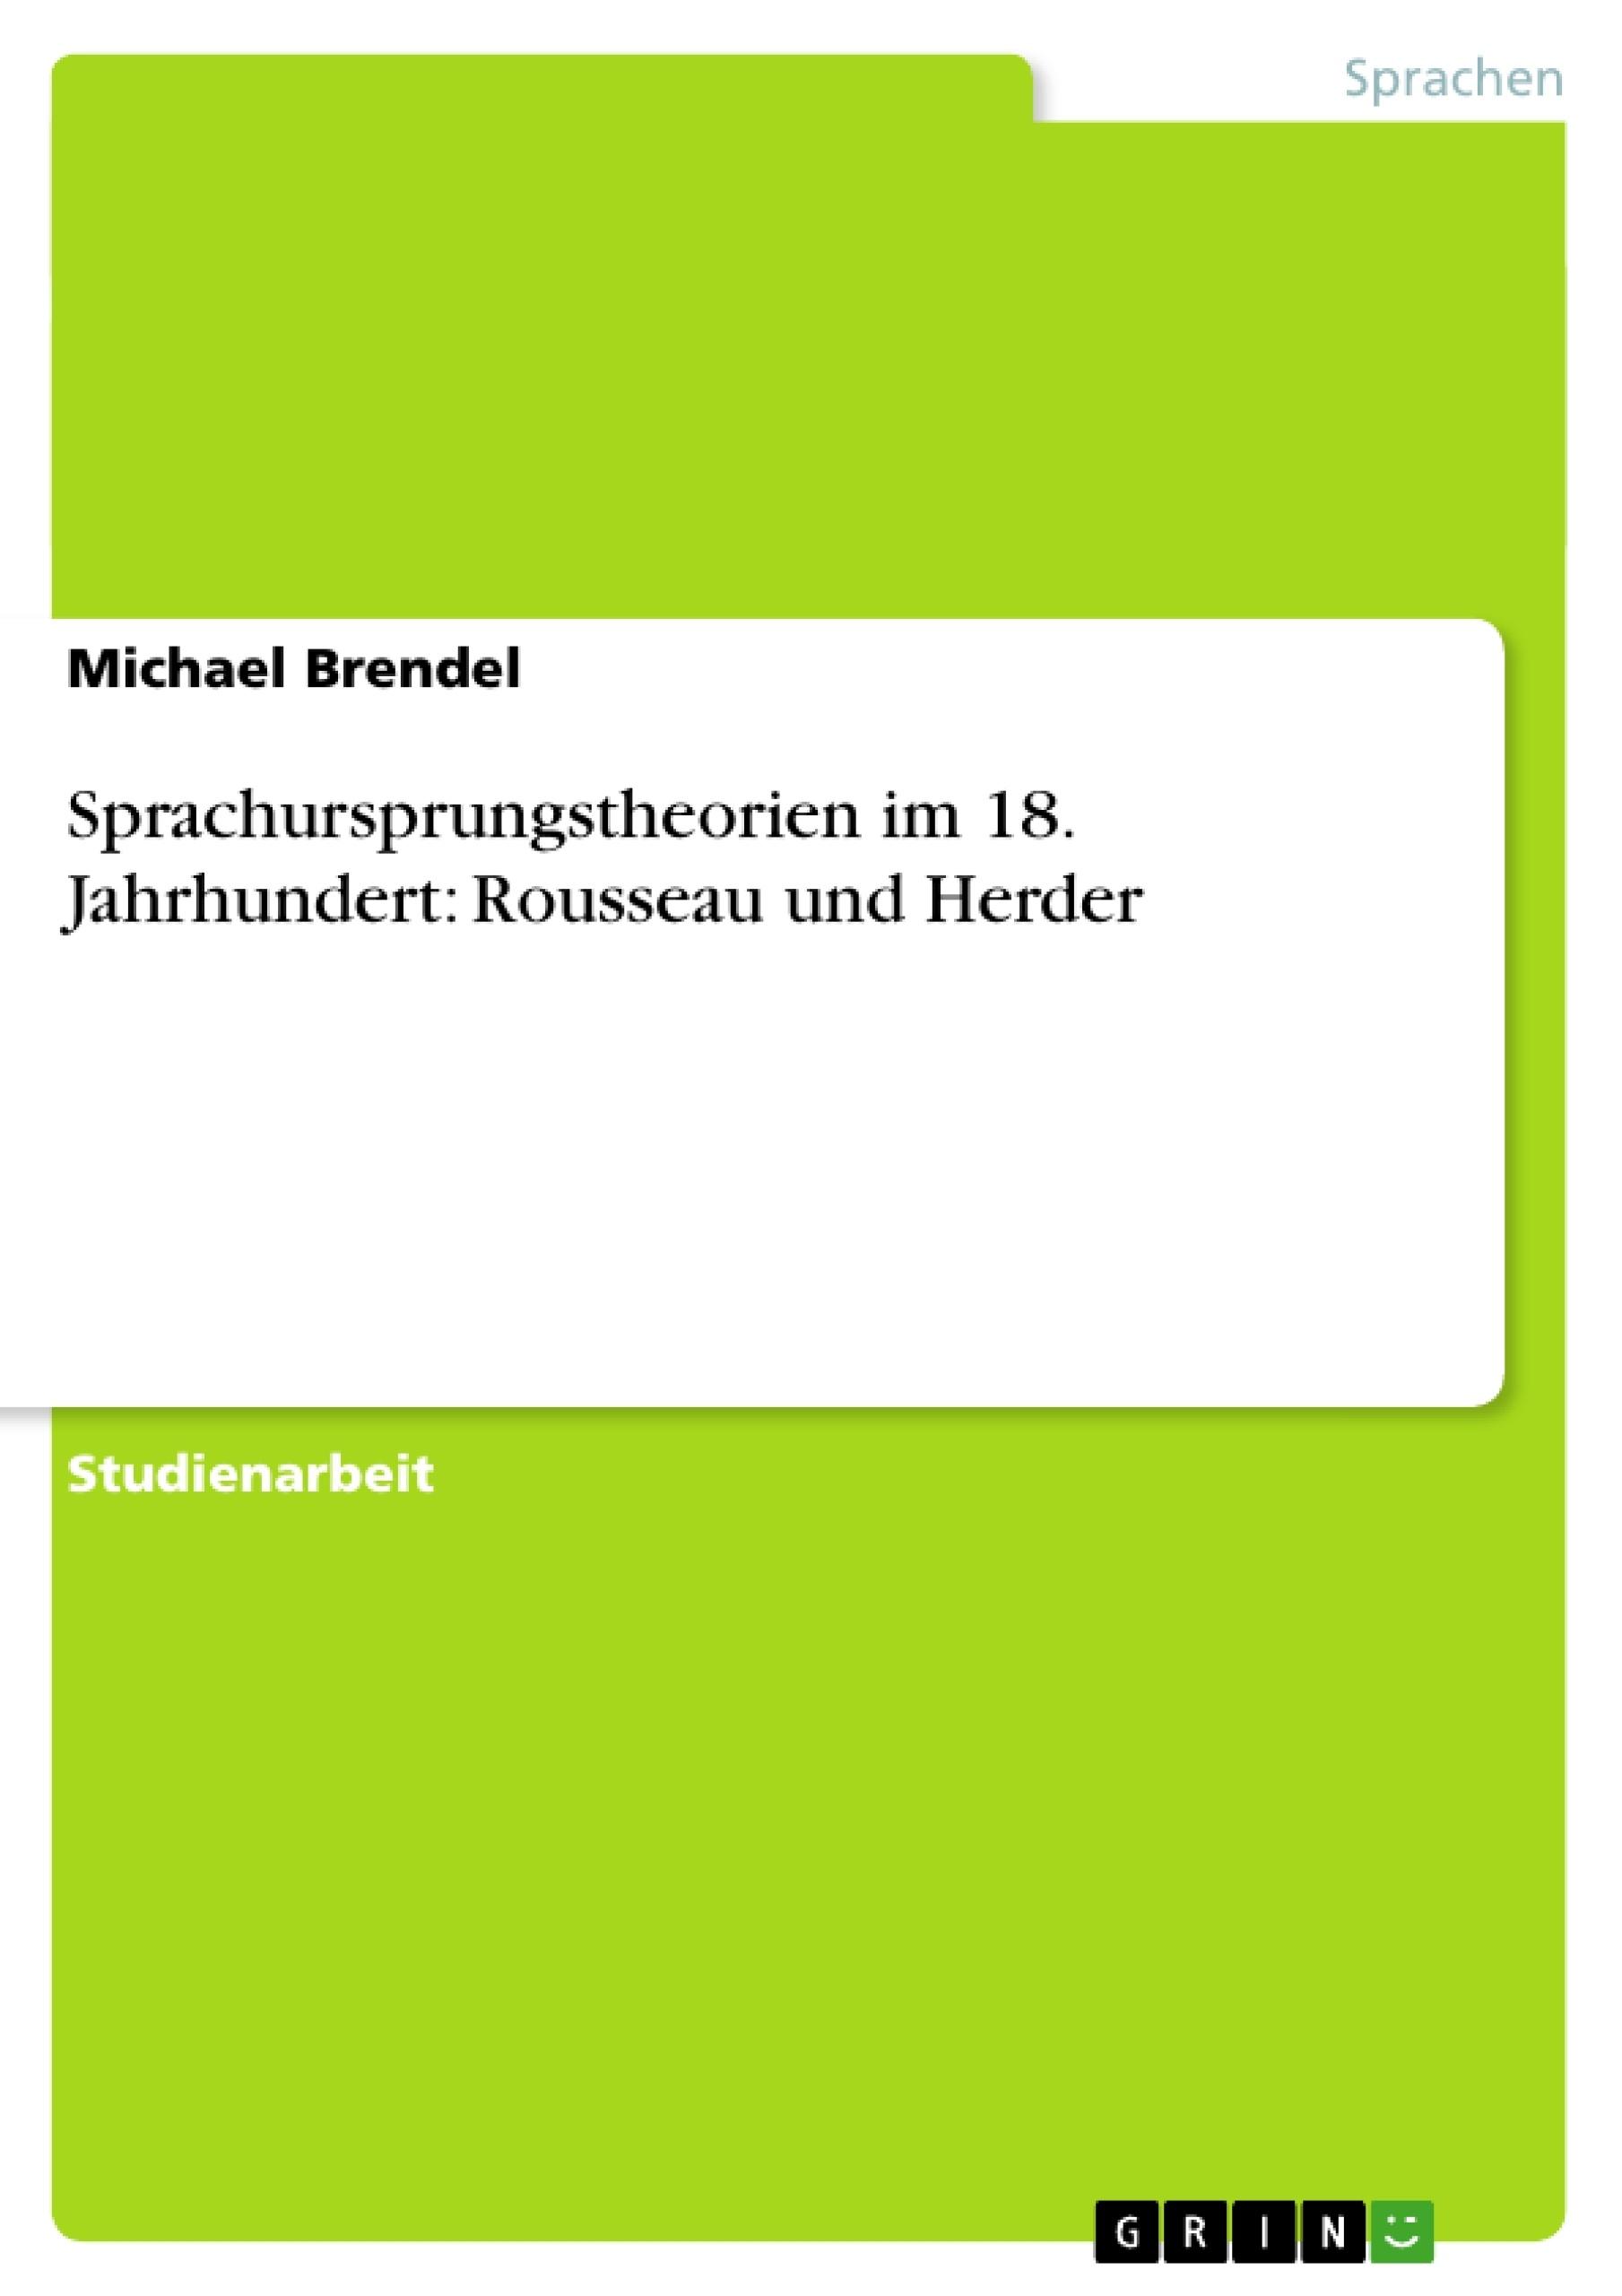 Titel: Sprachursprungstheorien im 18. Jahrhundert: Rousseau und Herder